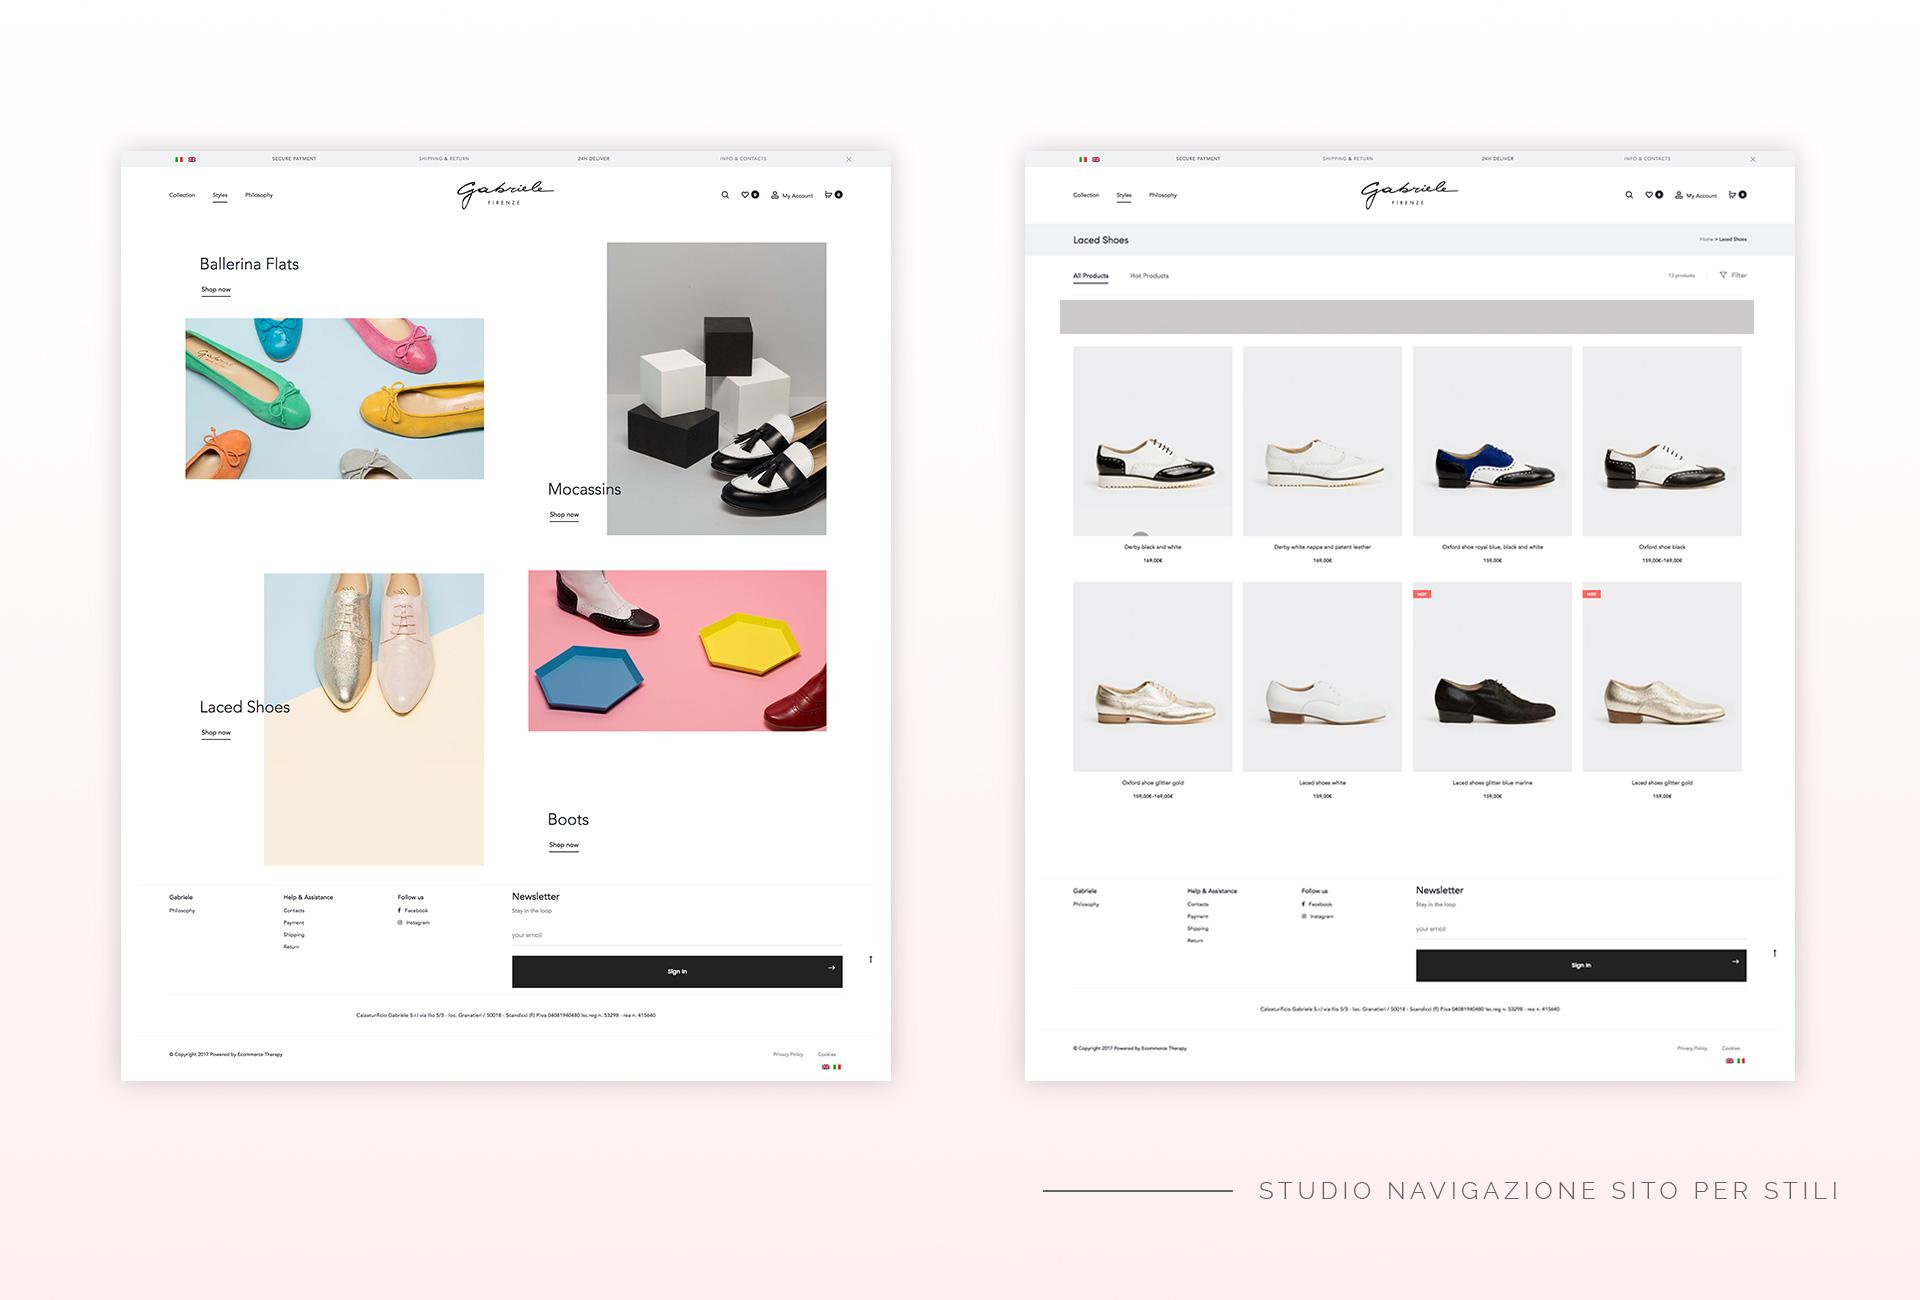 navigazione-gabriele-firenze-shoes-stili